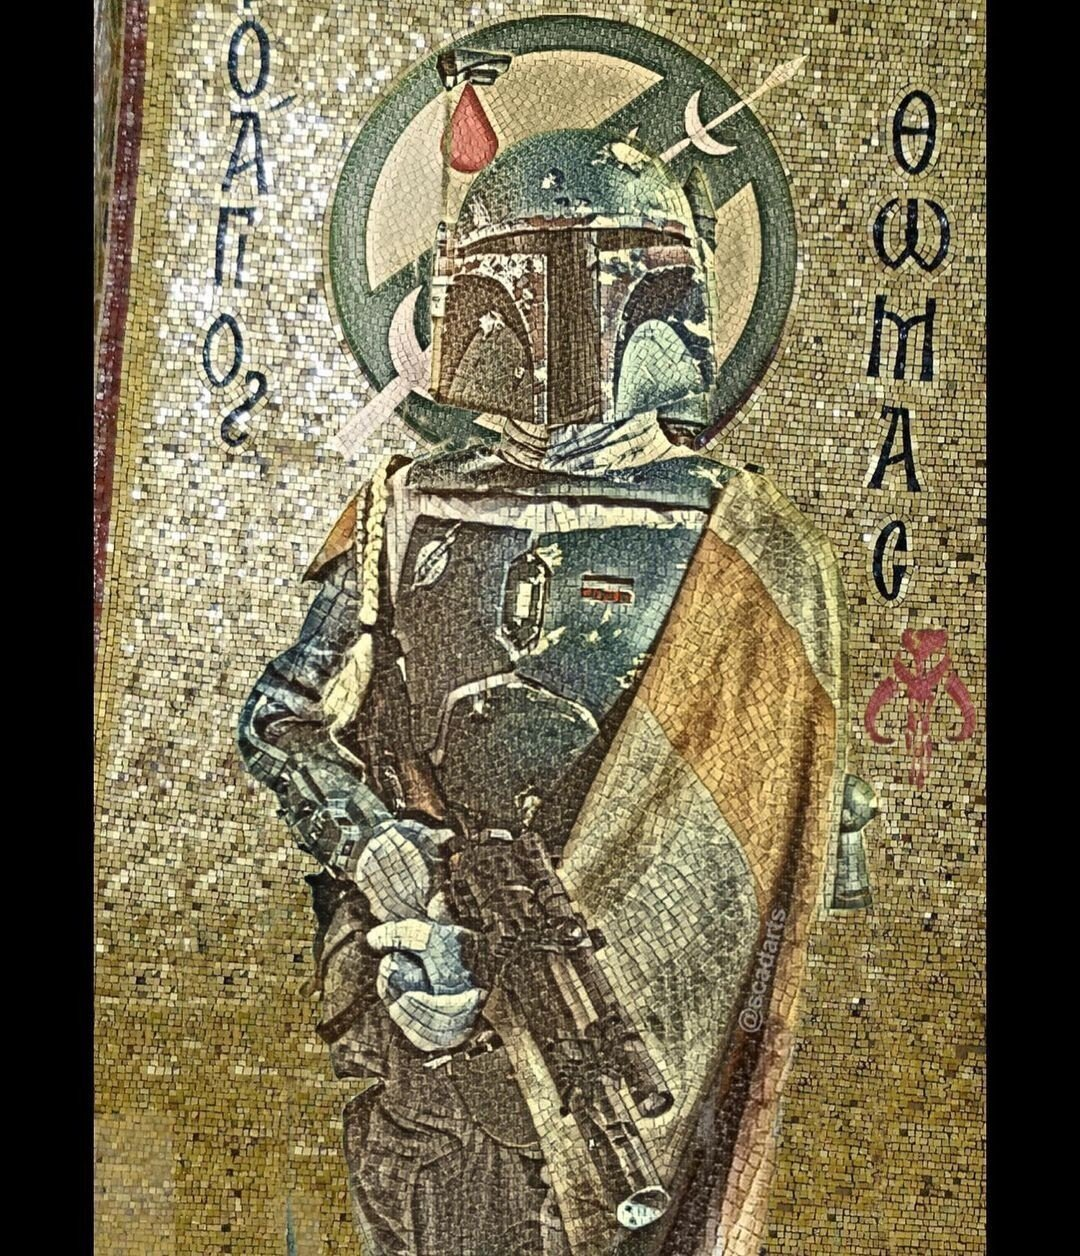 Персонажи Звездных войн в сюжетах классических картин